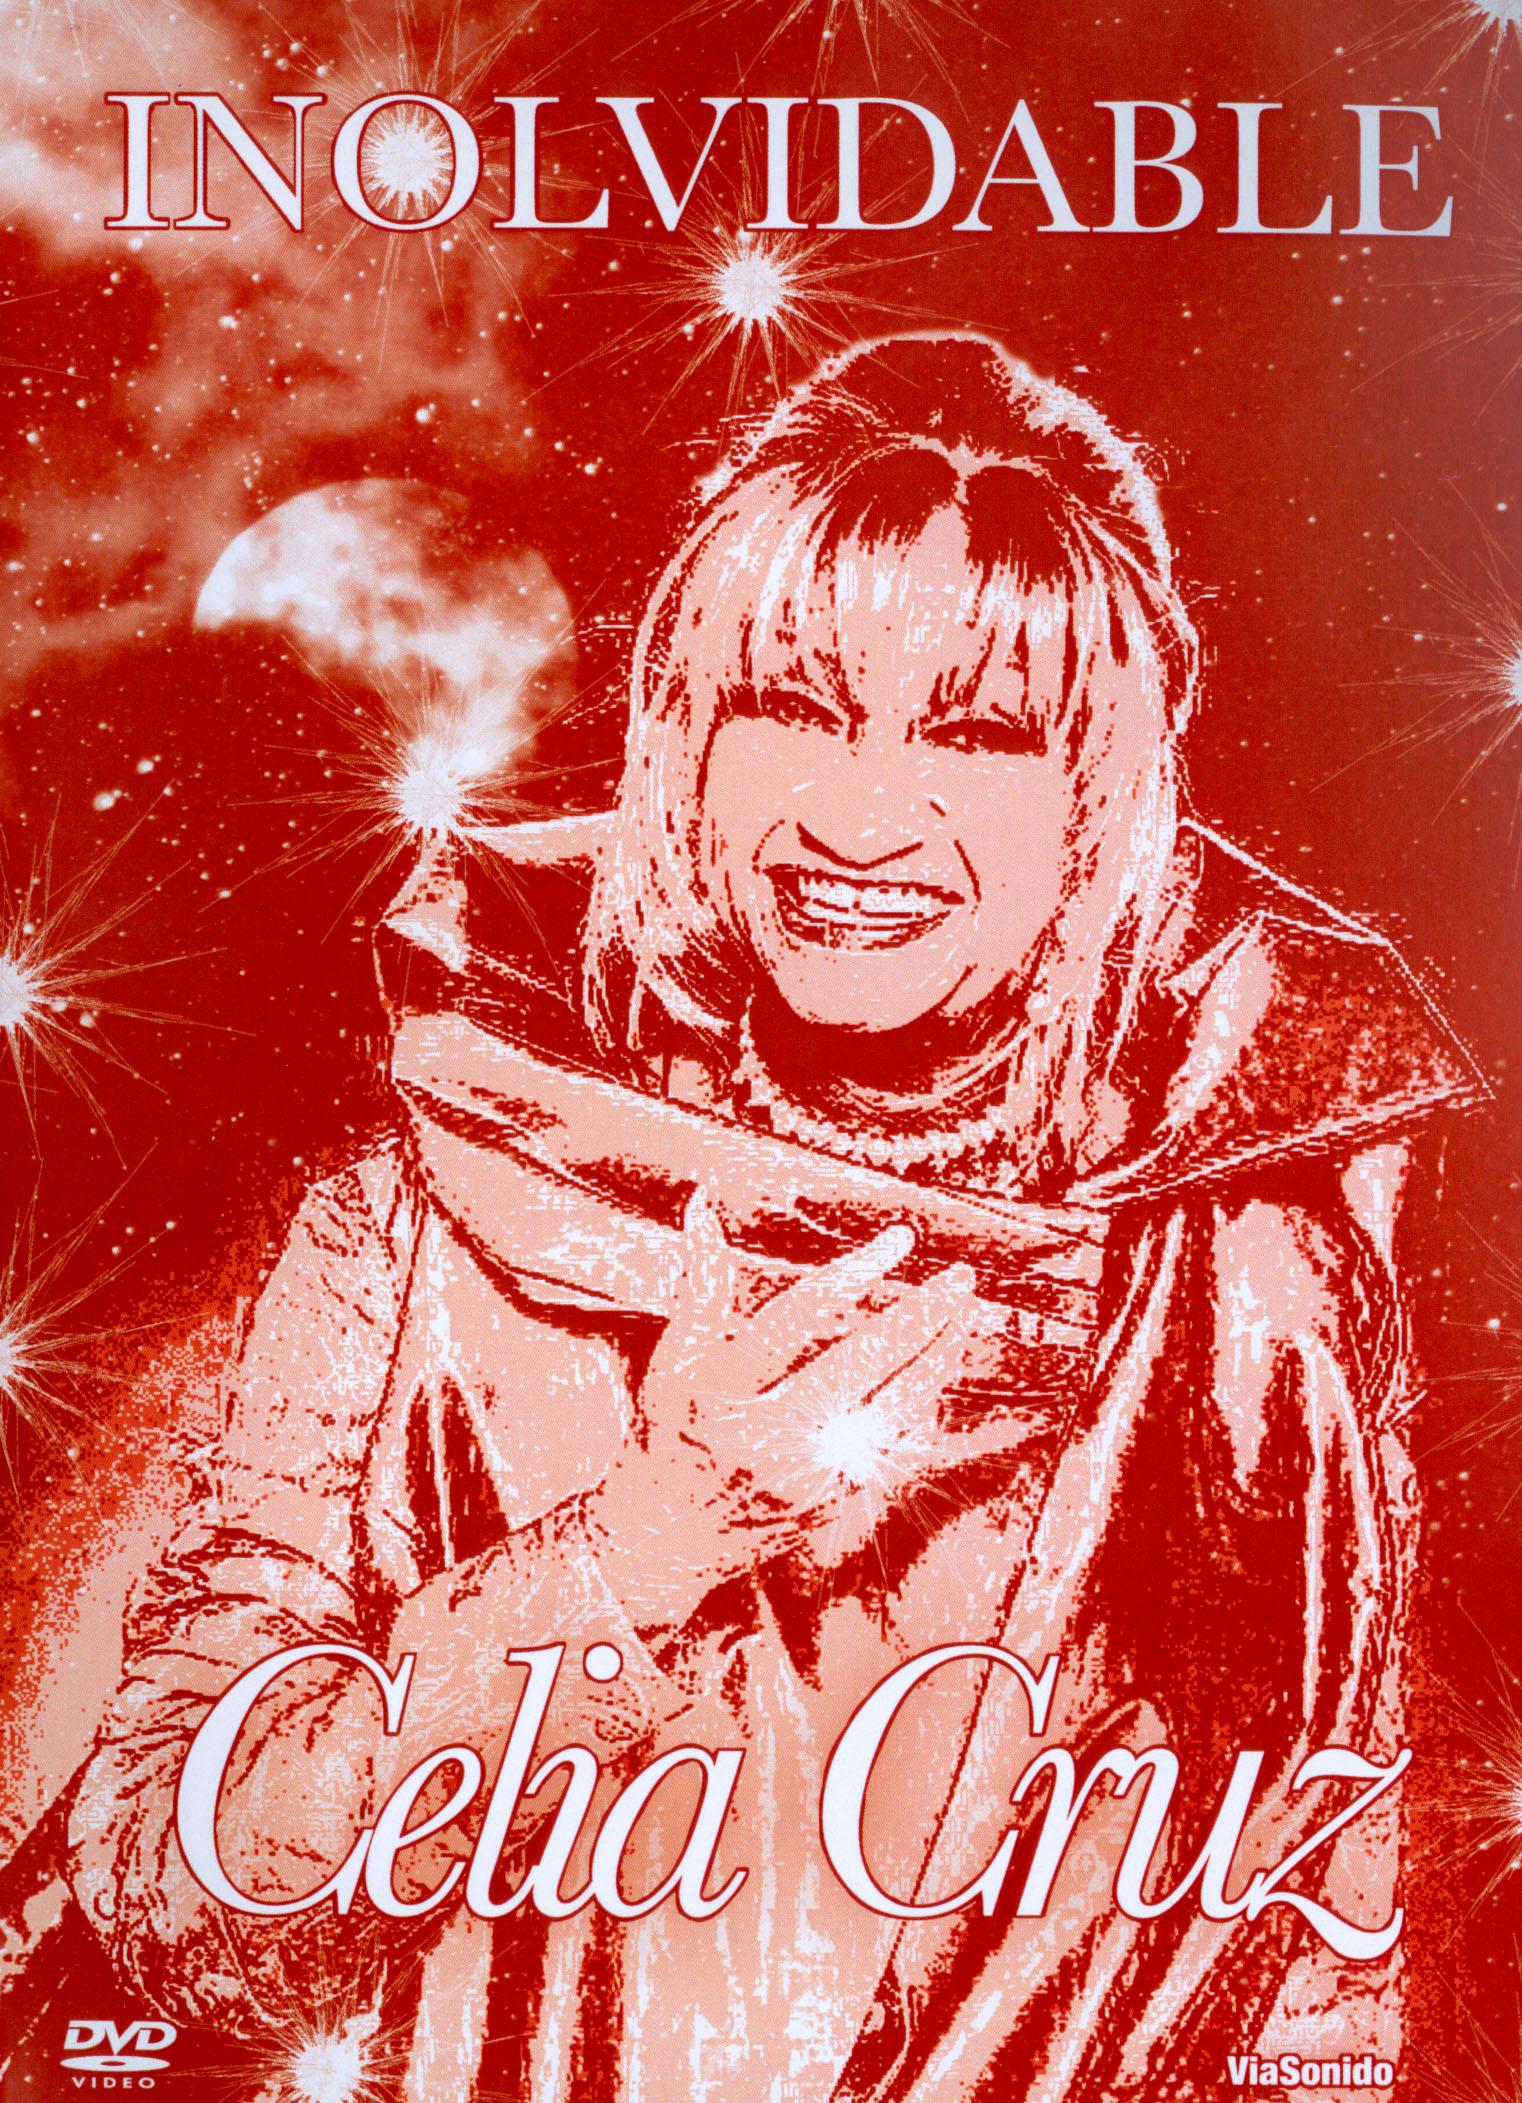 Celia Cruz: Inolvidable